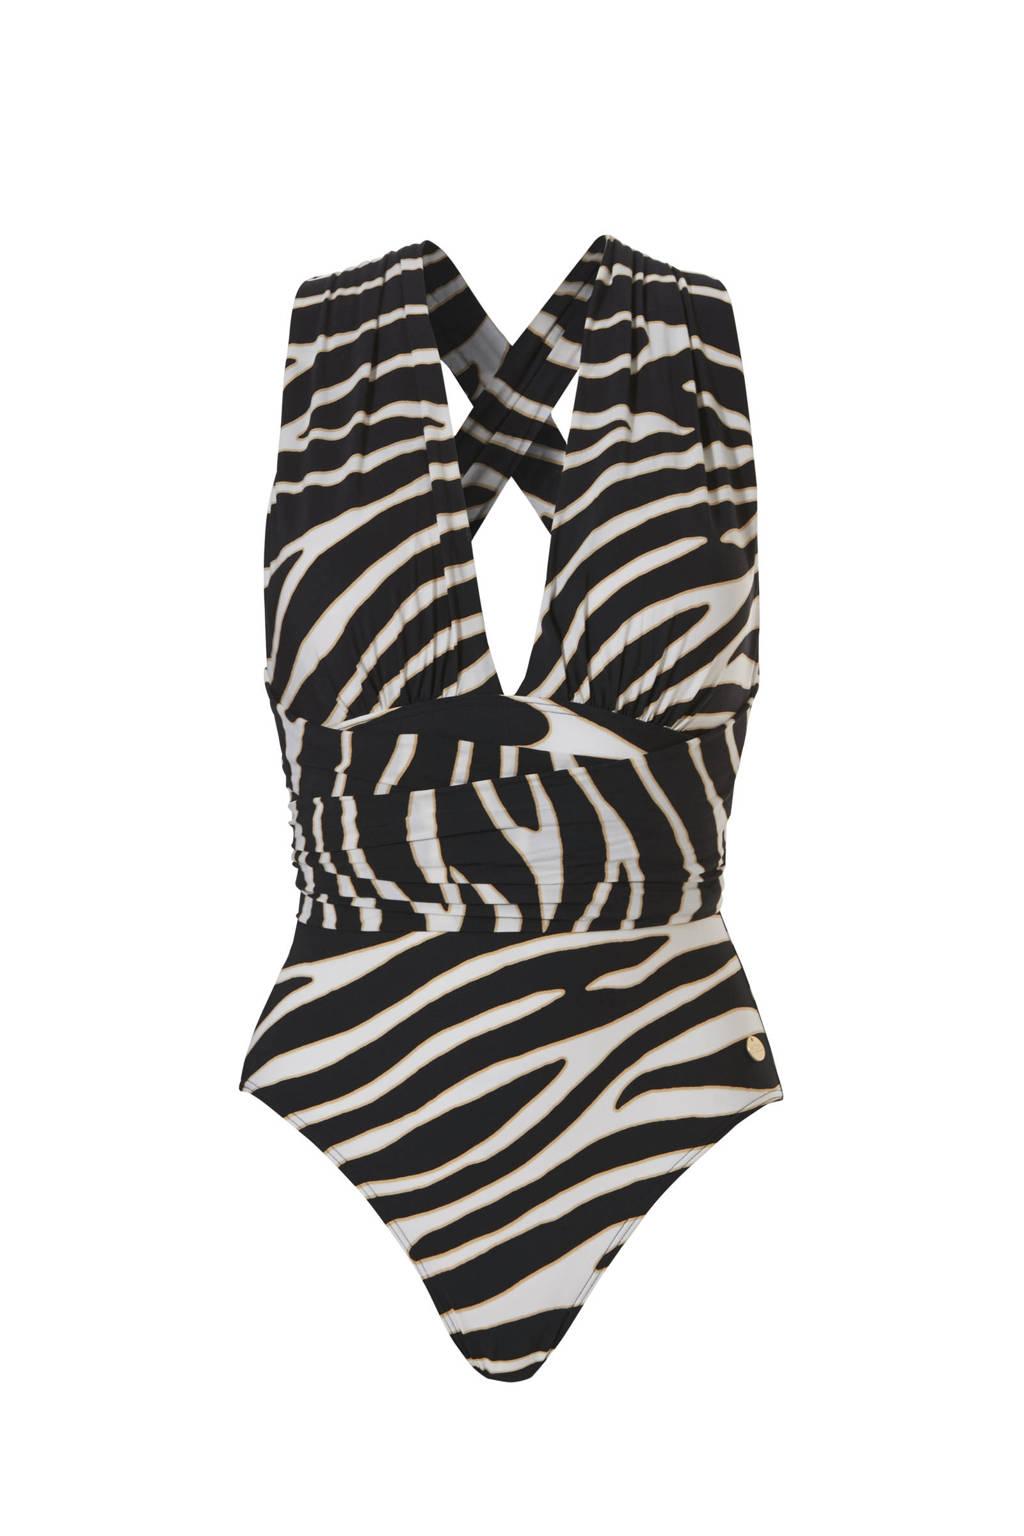 TC WOW multiway badpak met zebraprint zwart/wit, Zwart/wit